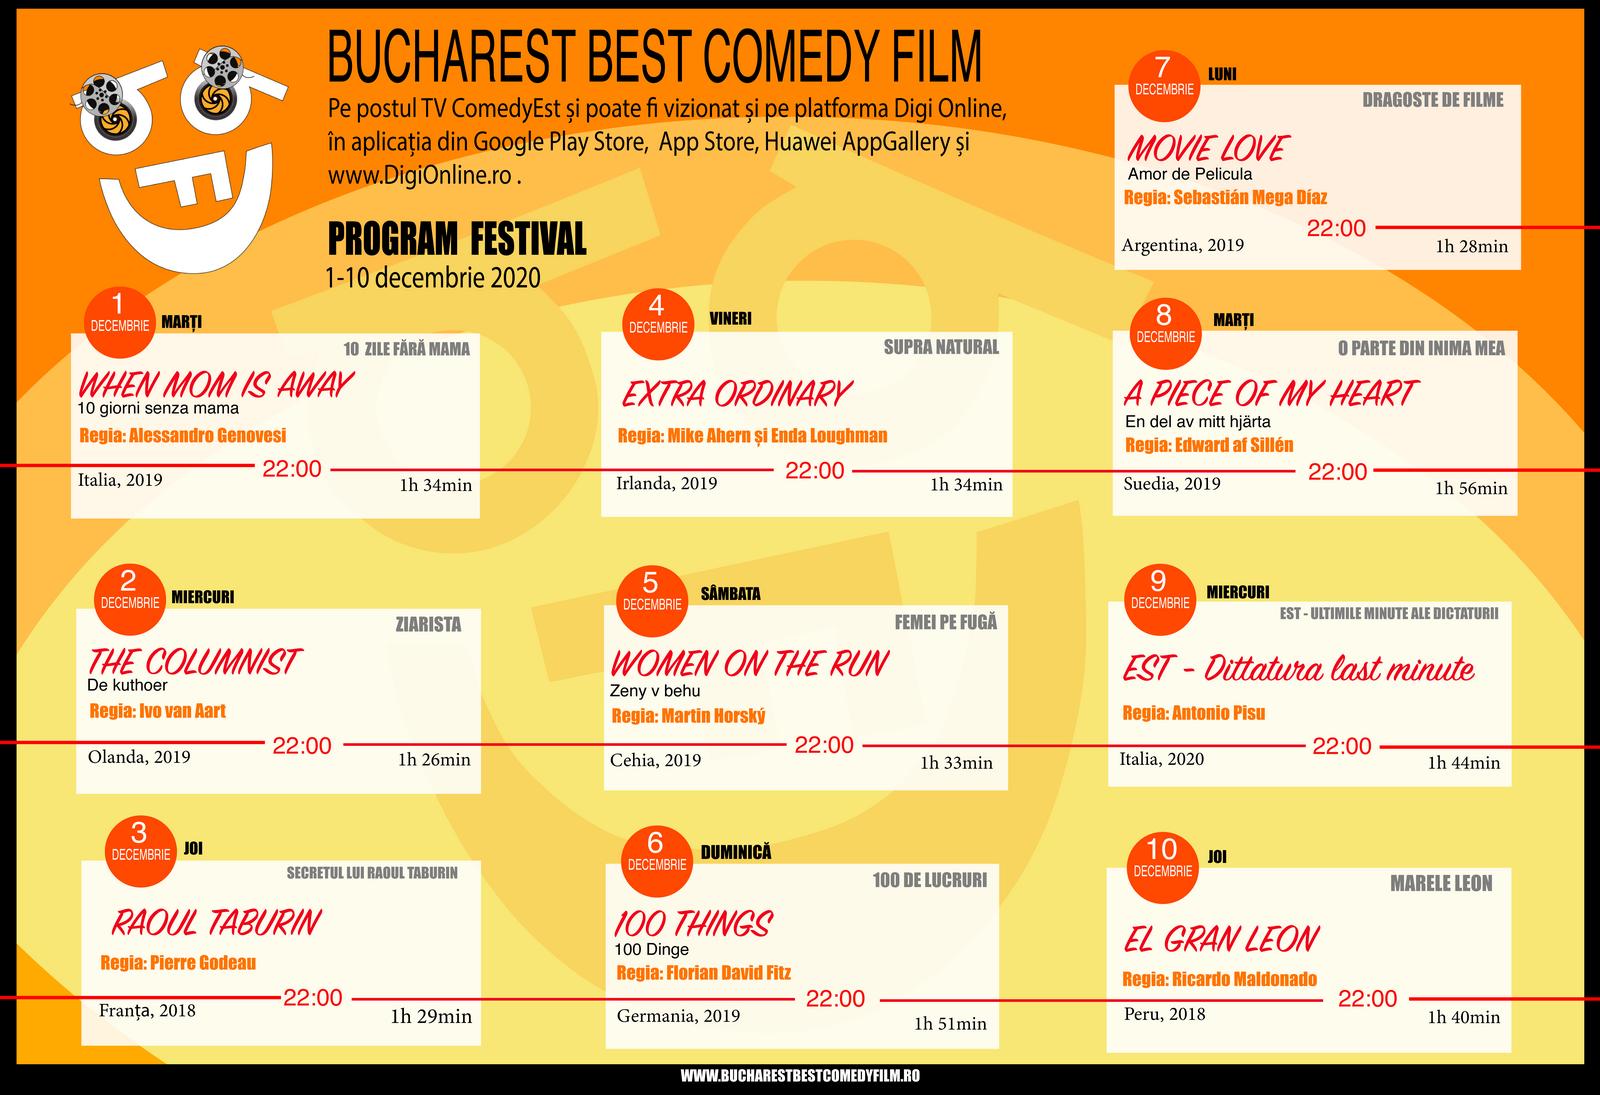 Festivalul Bucharest Best Comedy Film propune o selecție remarcabilă de filme internaționale de comedie